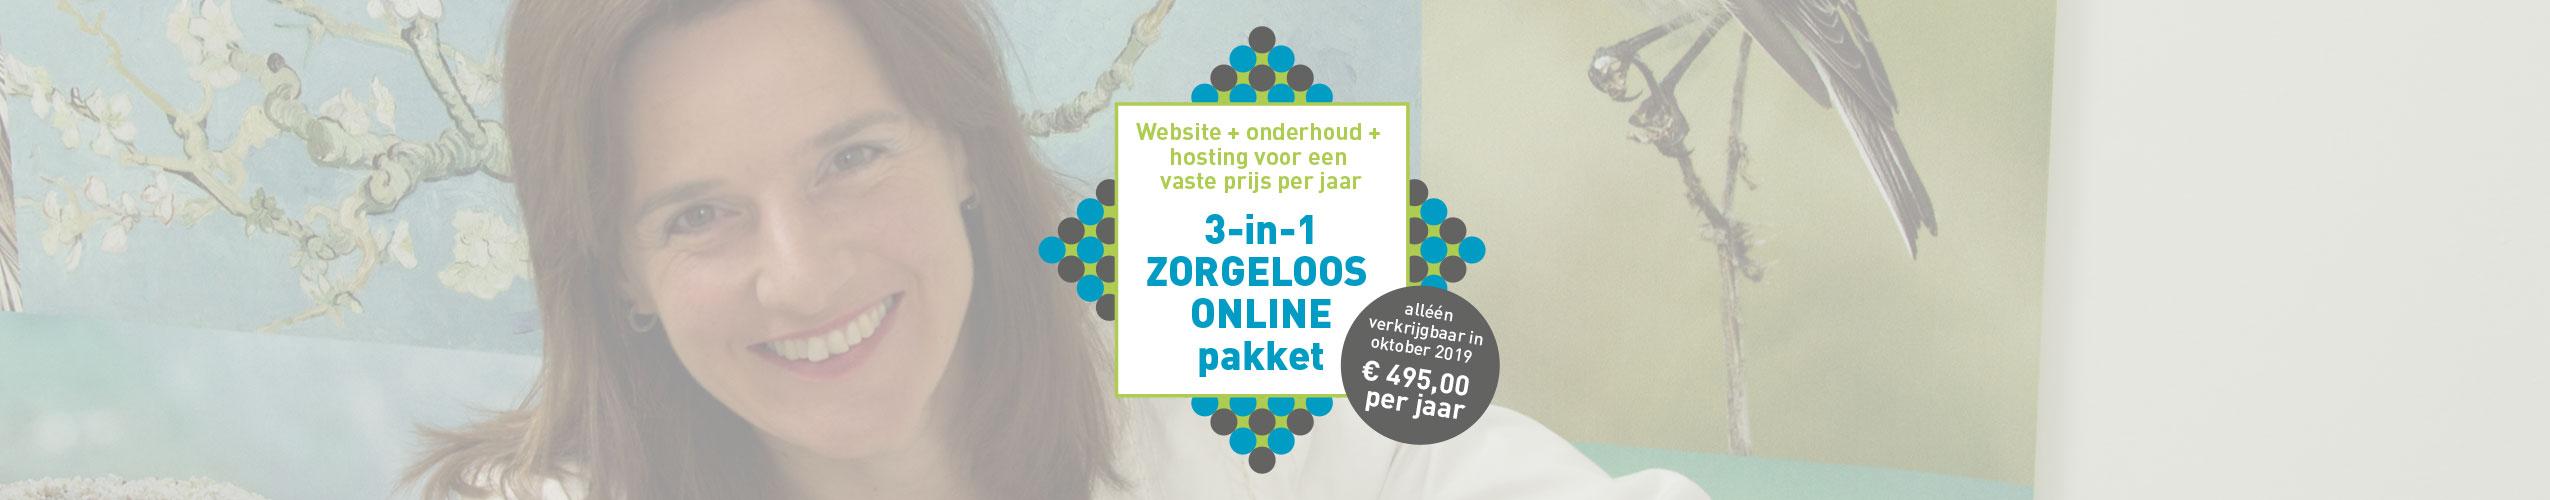 voordelig-websitepakket-zorgeloos-online